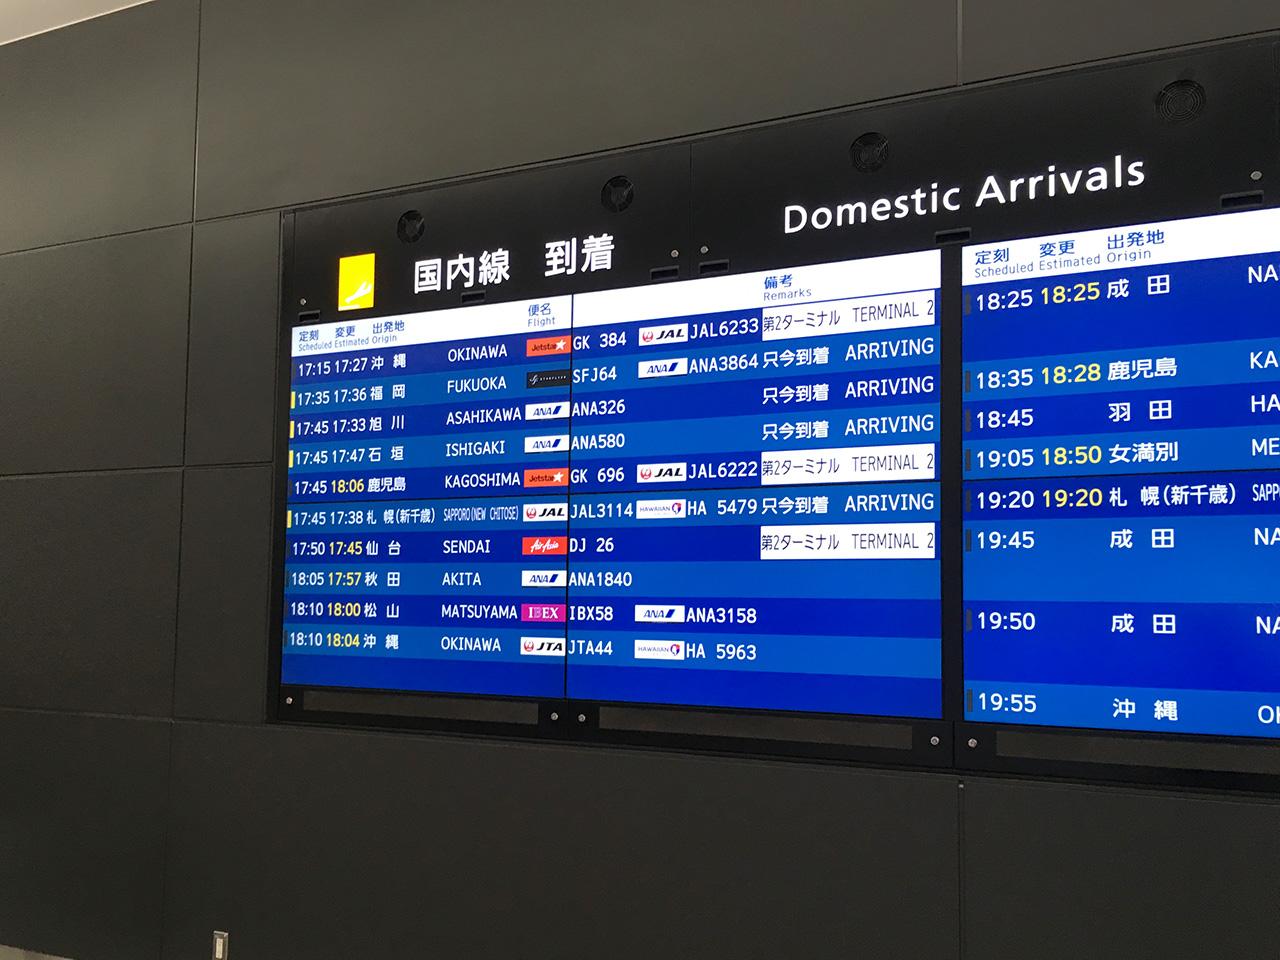 セントレア,中部国際空港,到着ロビー